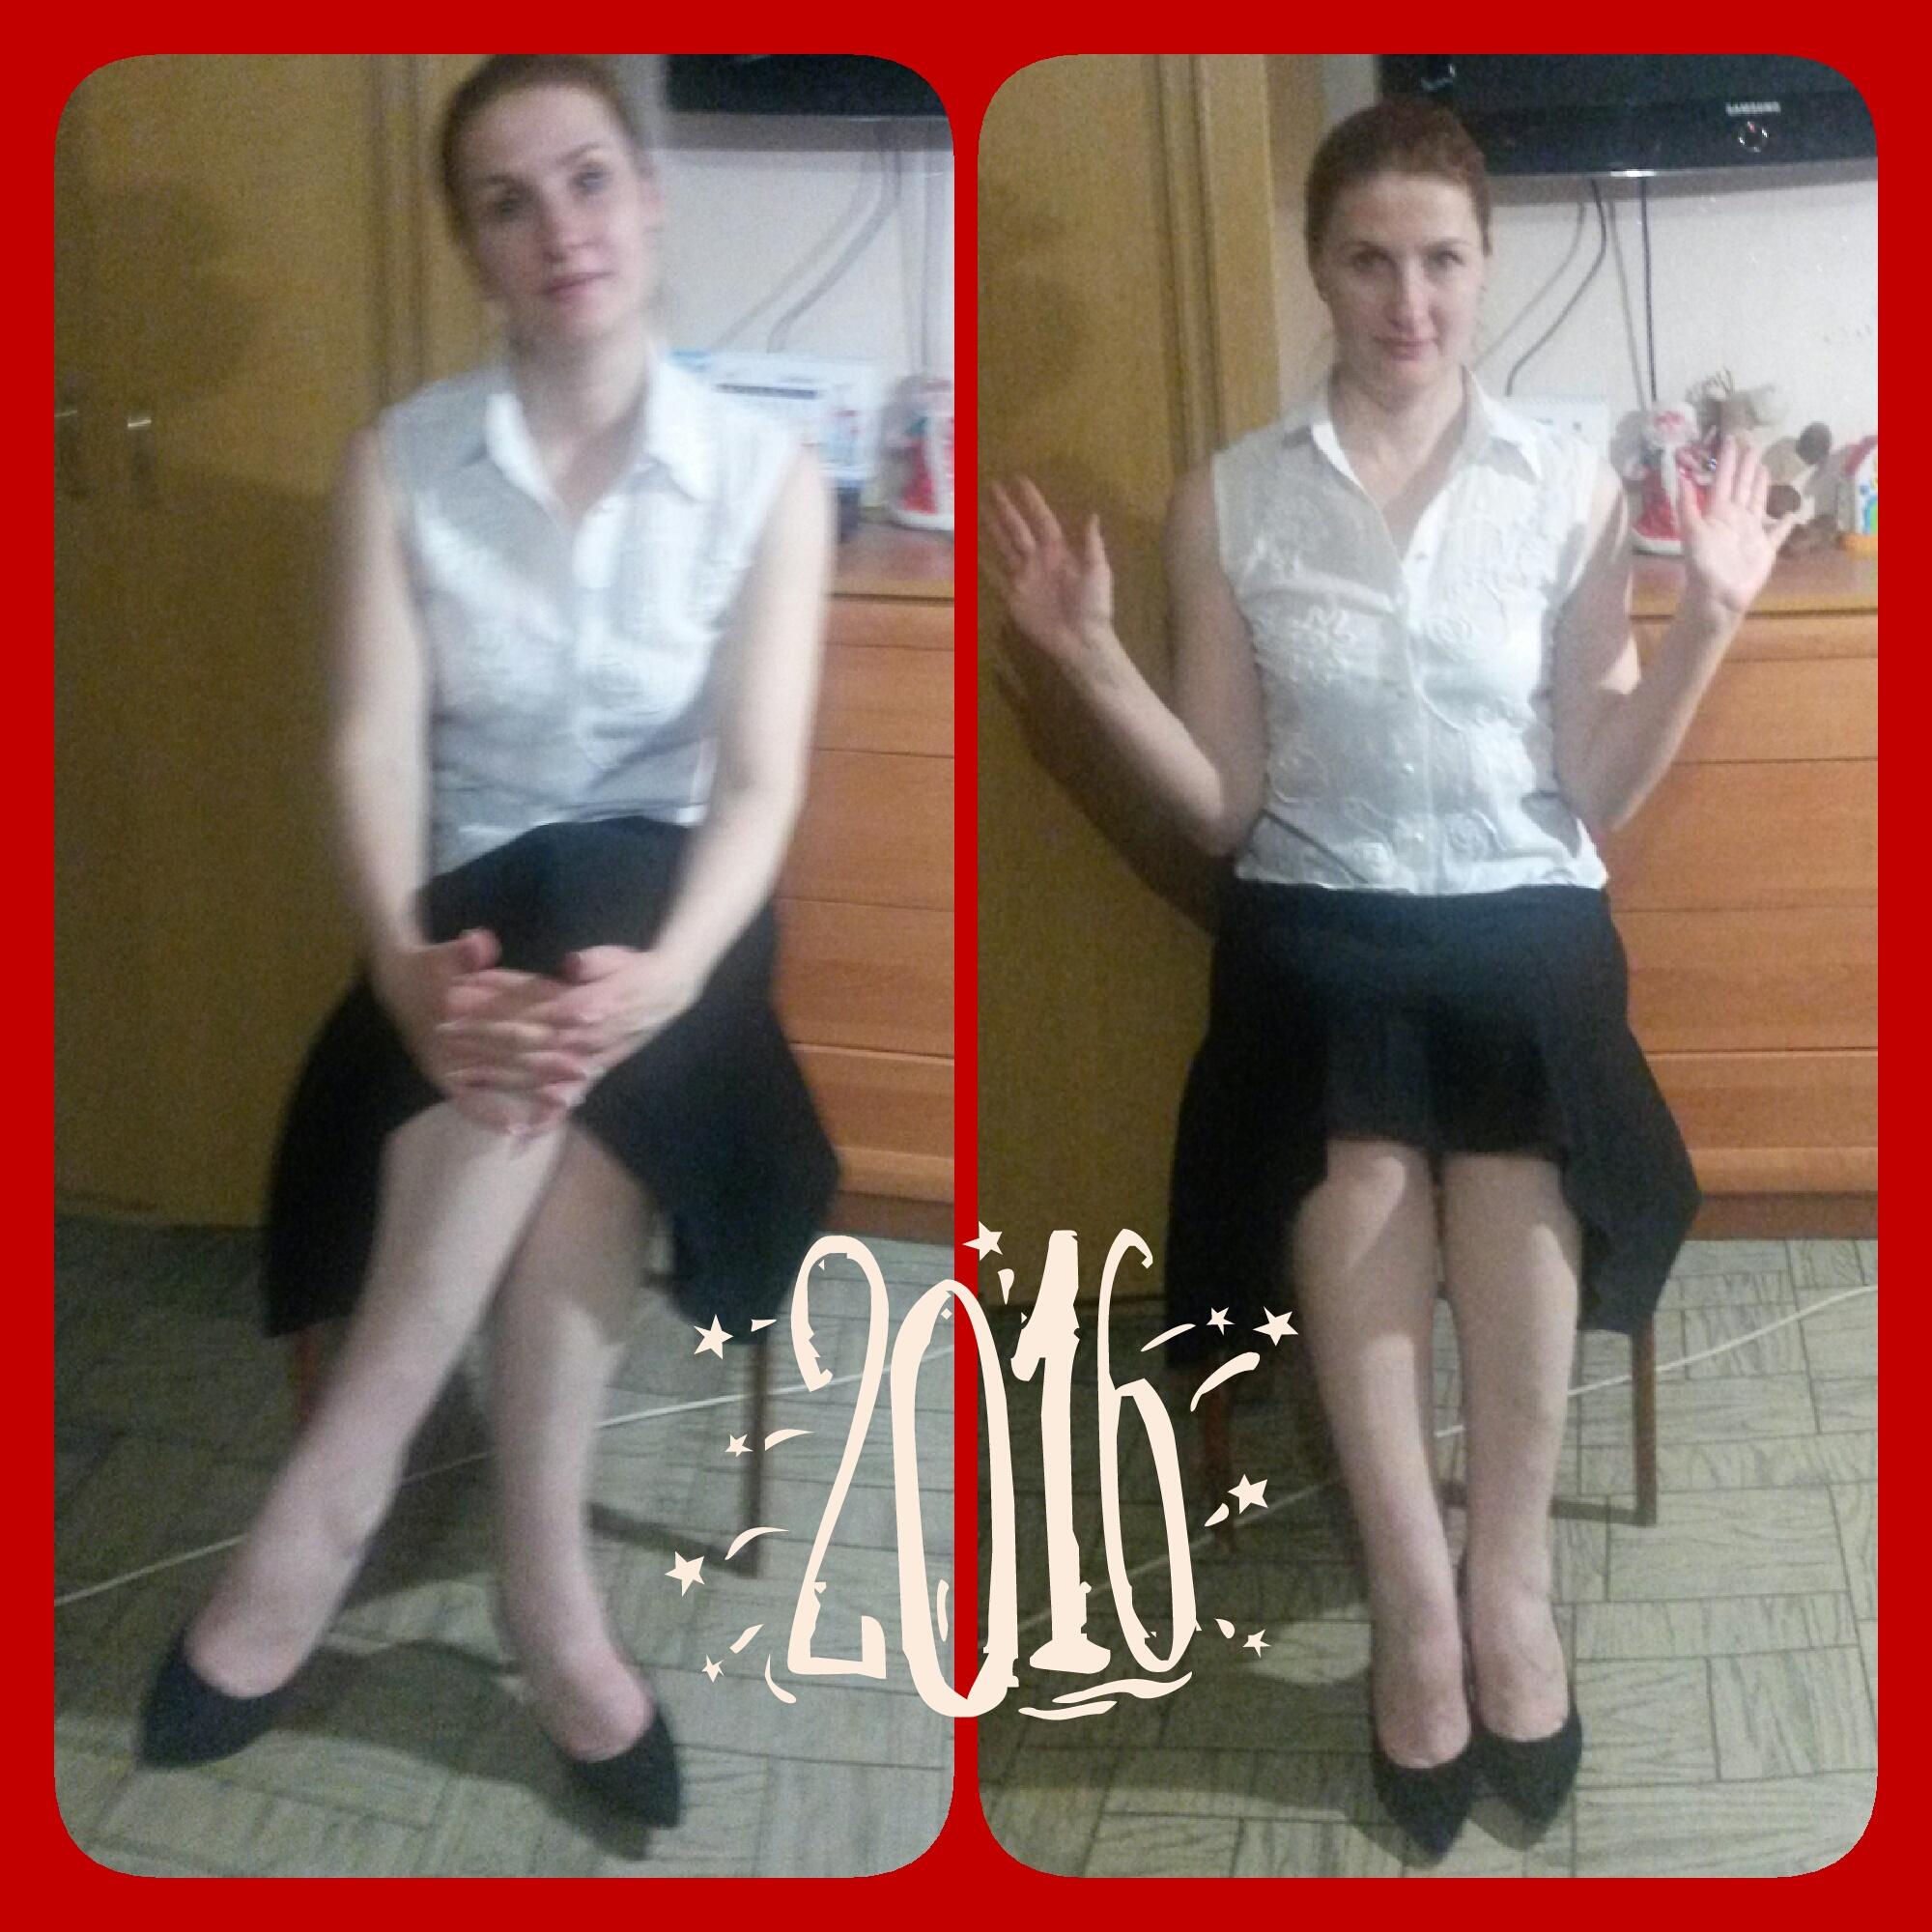 photostudio_1456688127300.jpg